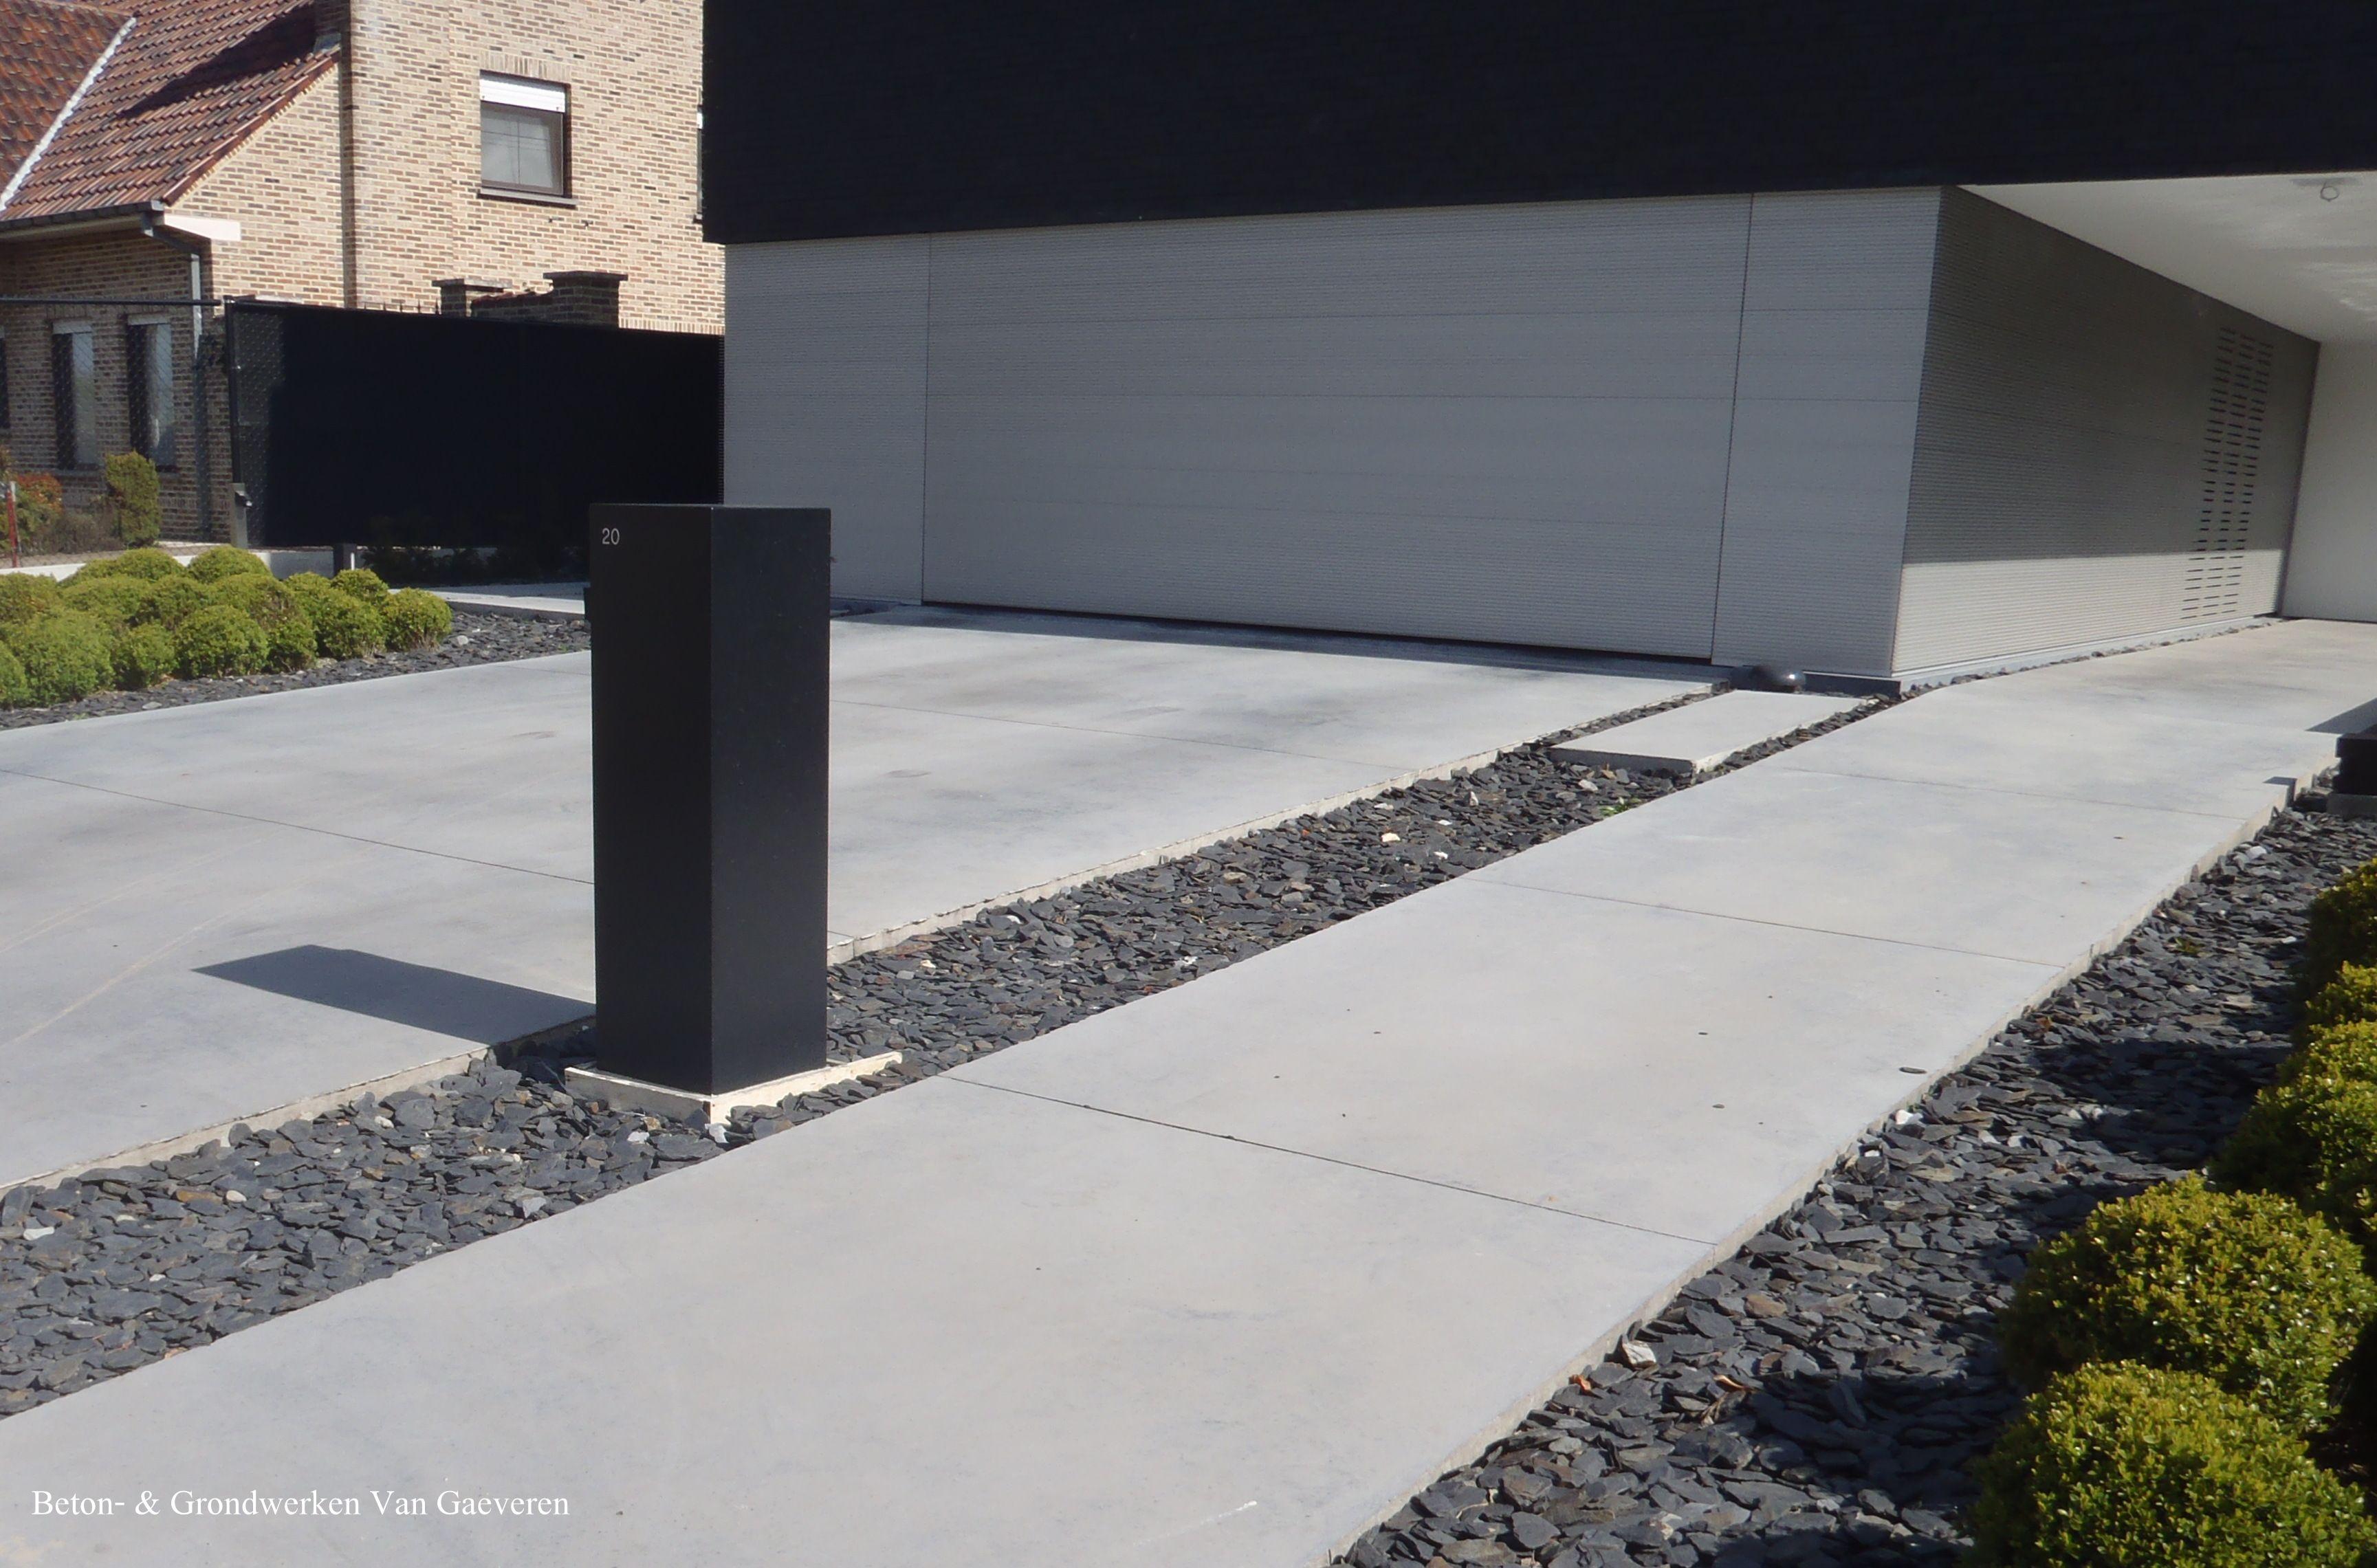 oprit in beton | beton- & grondwerken van gaeveren nv, Garten dekoo